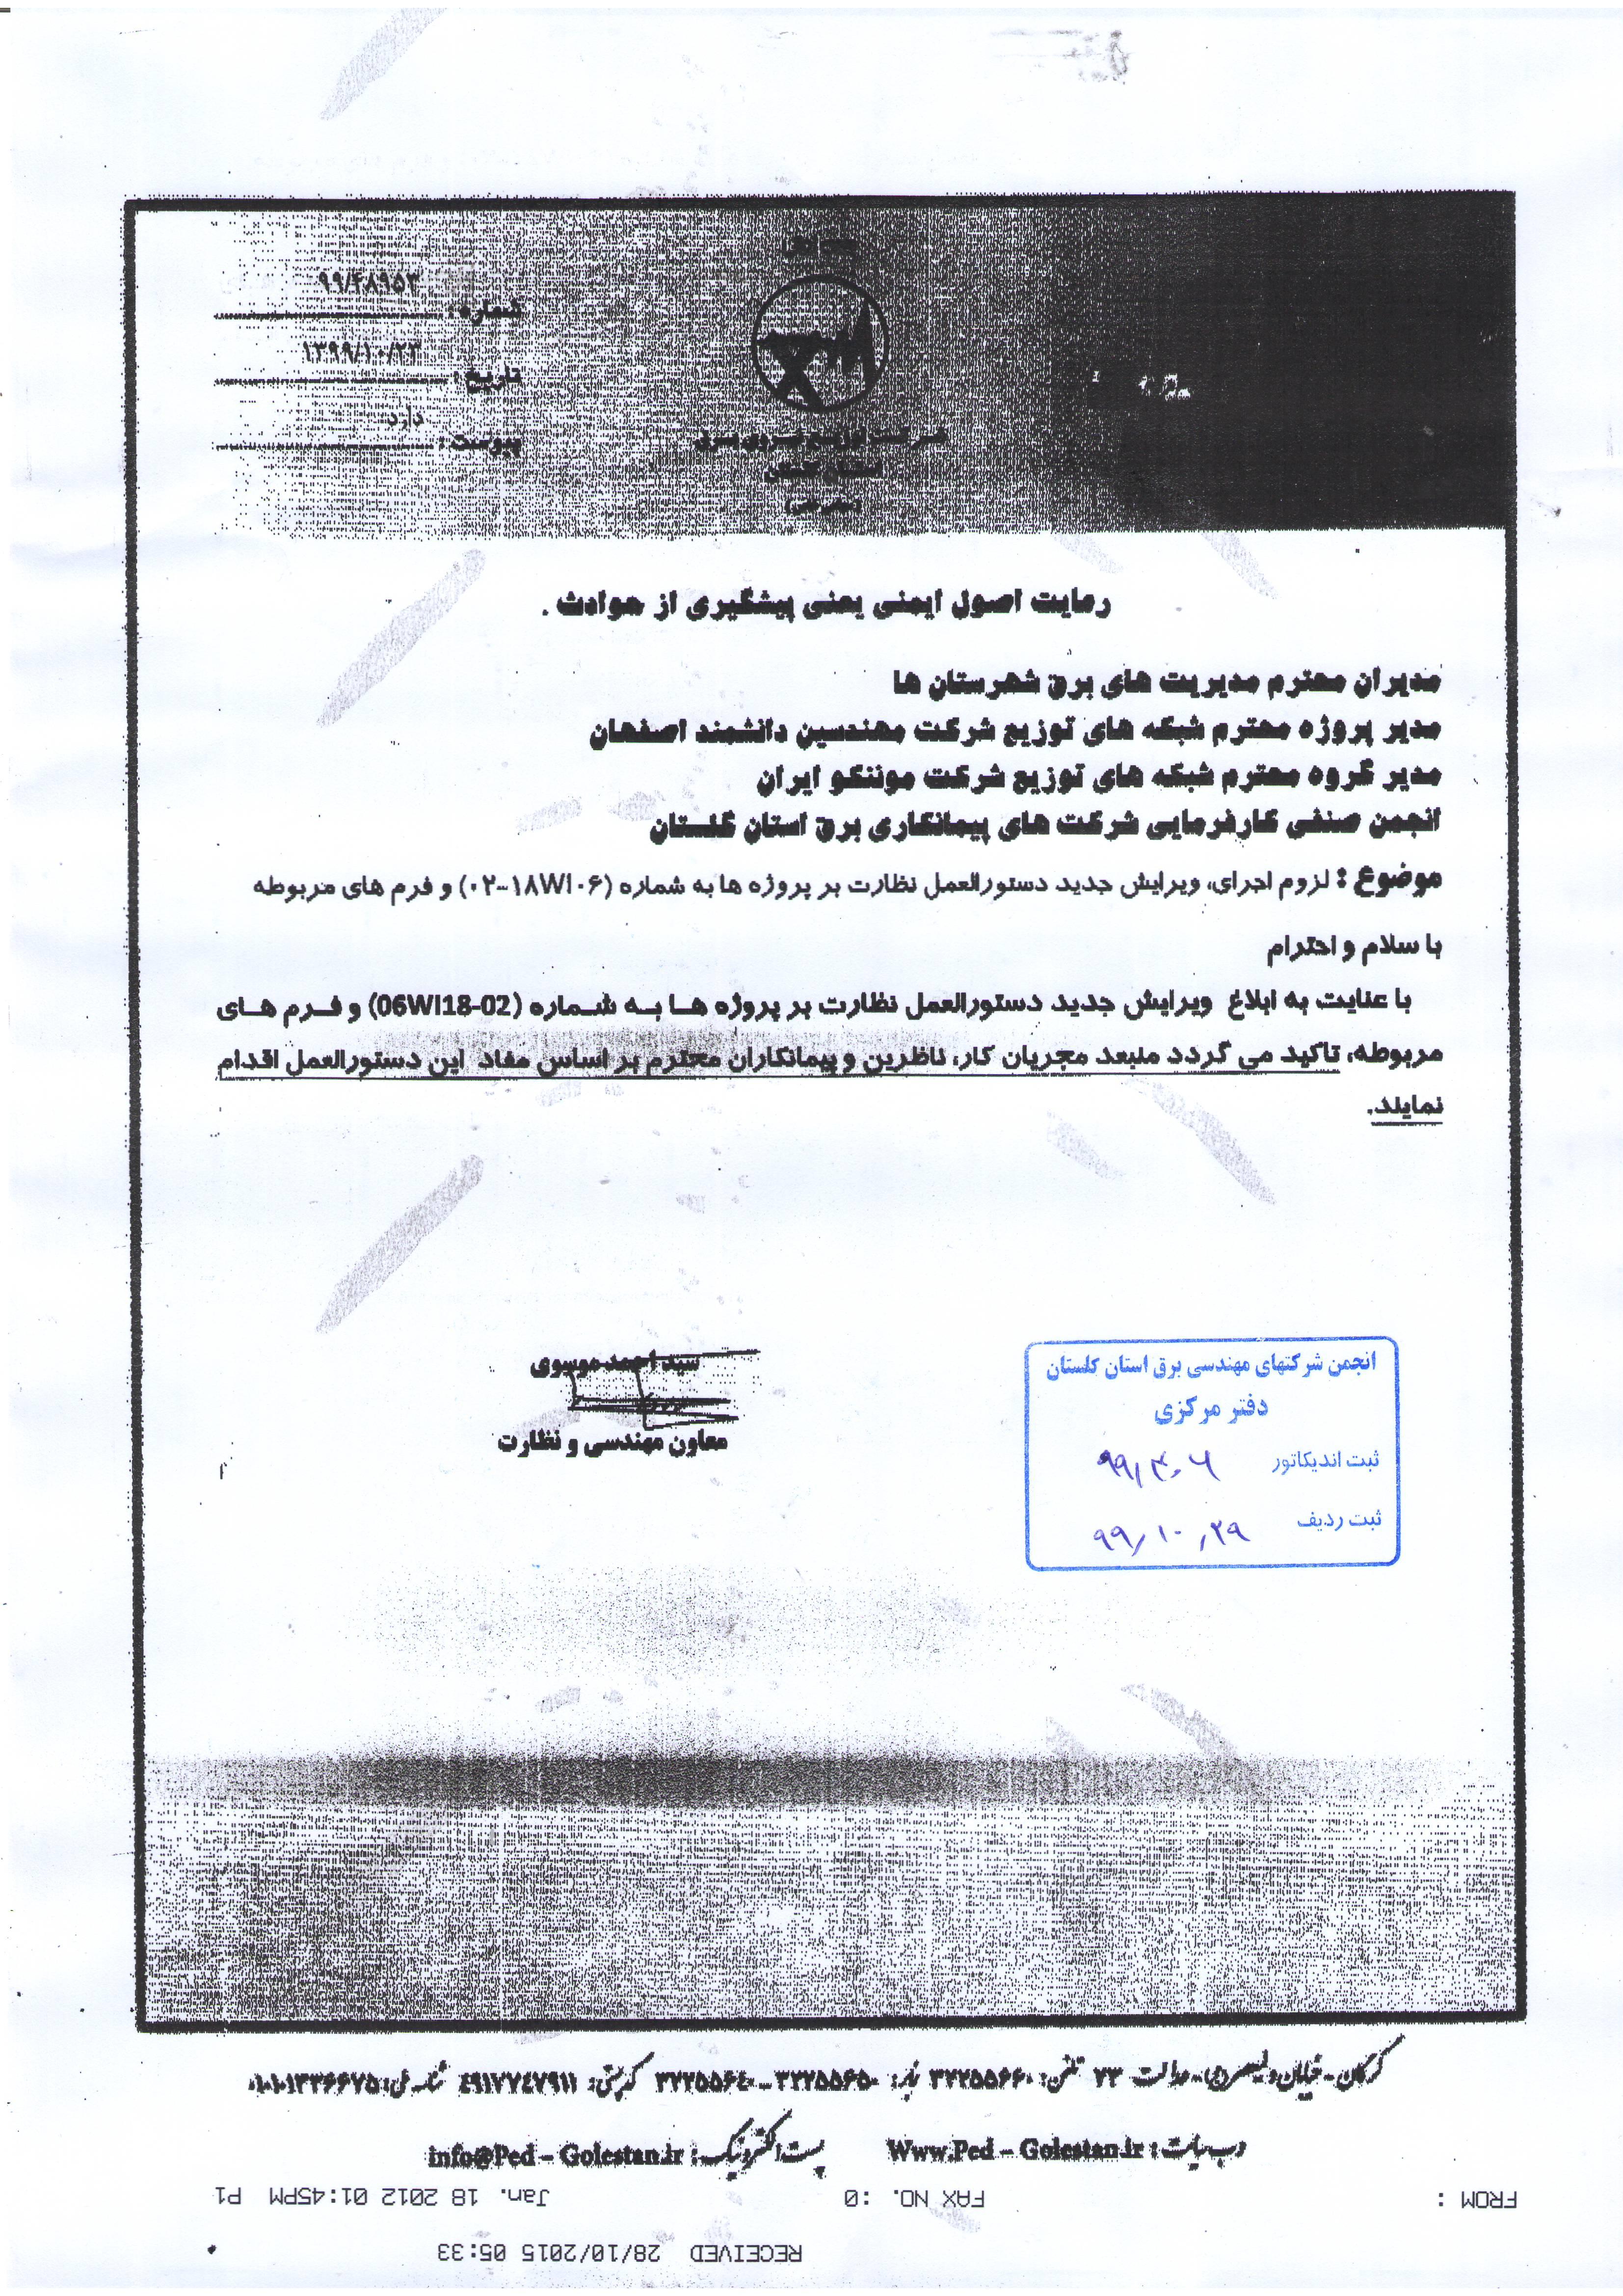 دستورالعمل نظارت بر پروژه ها-ویرایش پاییز 99